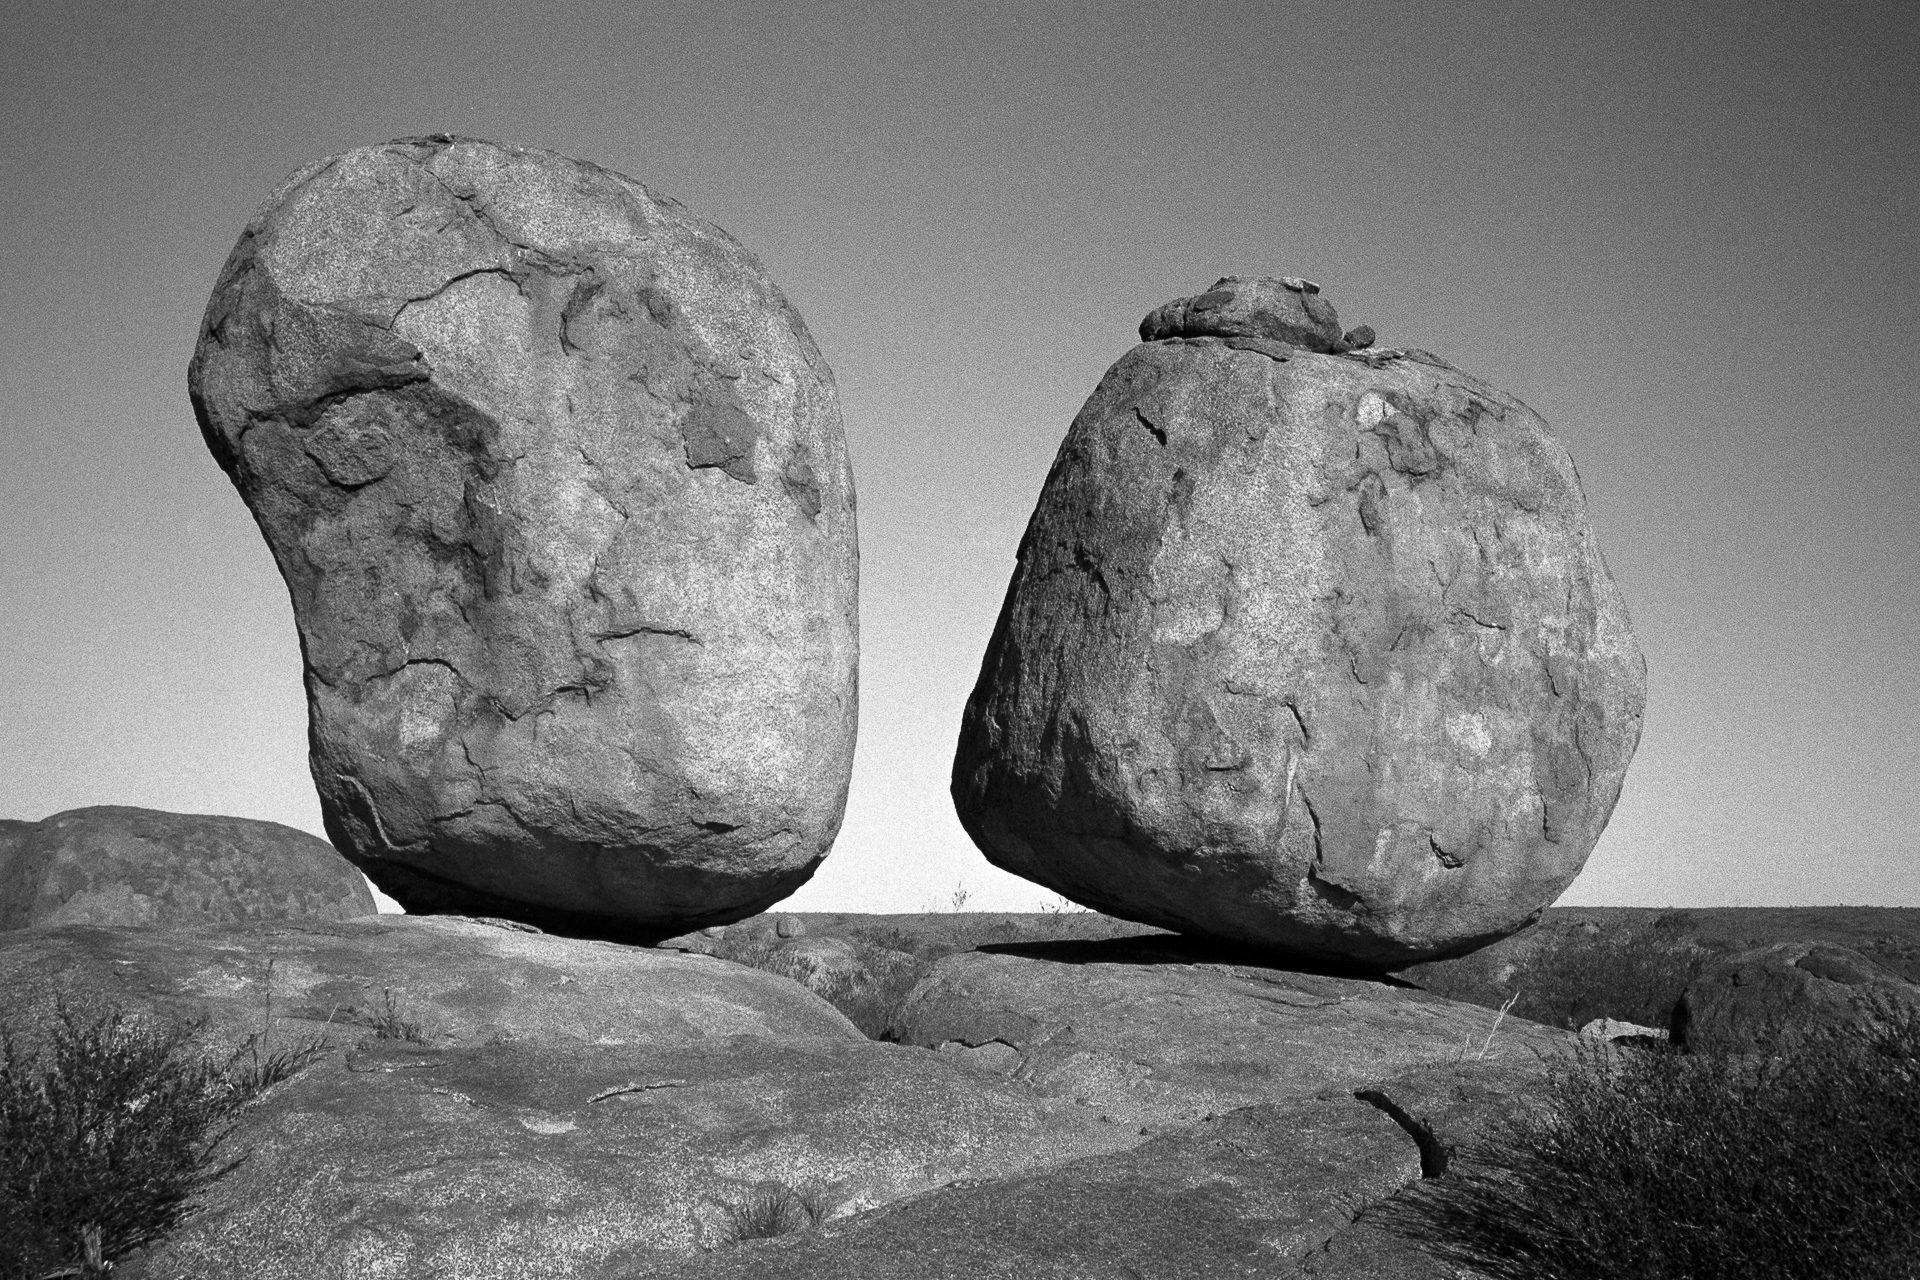 Devils Marbles, Australia. For this weeks #ilfordphoto #fridayfavourites theme #shotondelta400 #believeinfilm #blackandwhitephotography